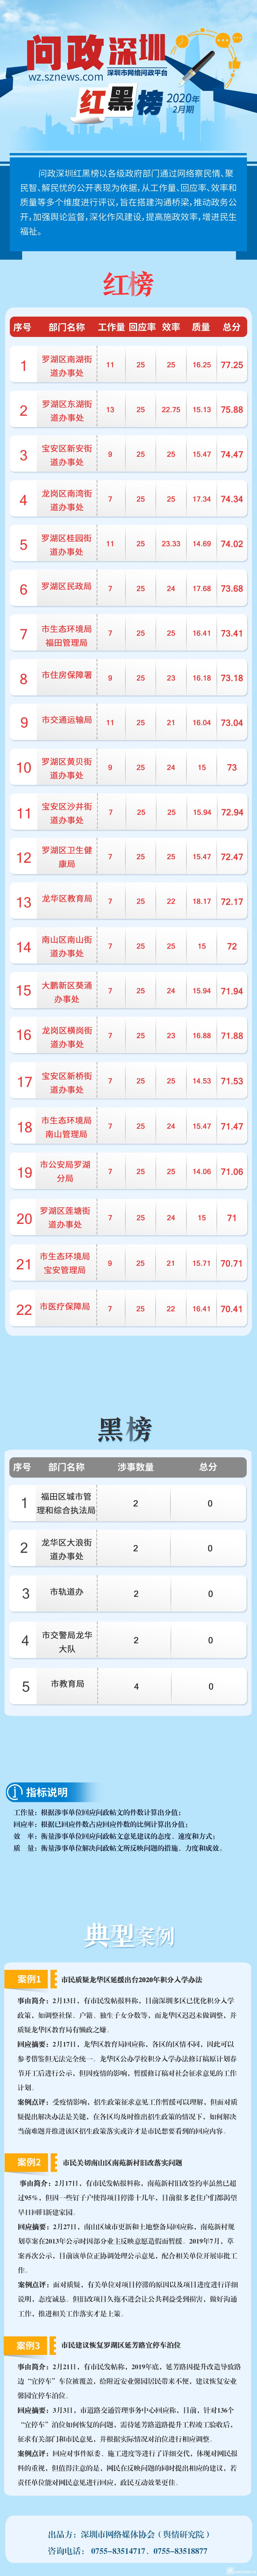 问政深圳红黑榜2月(3.27).png